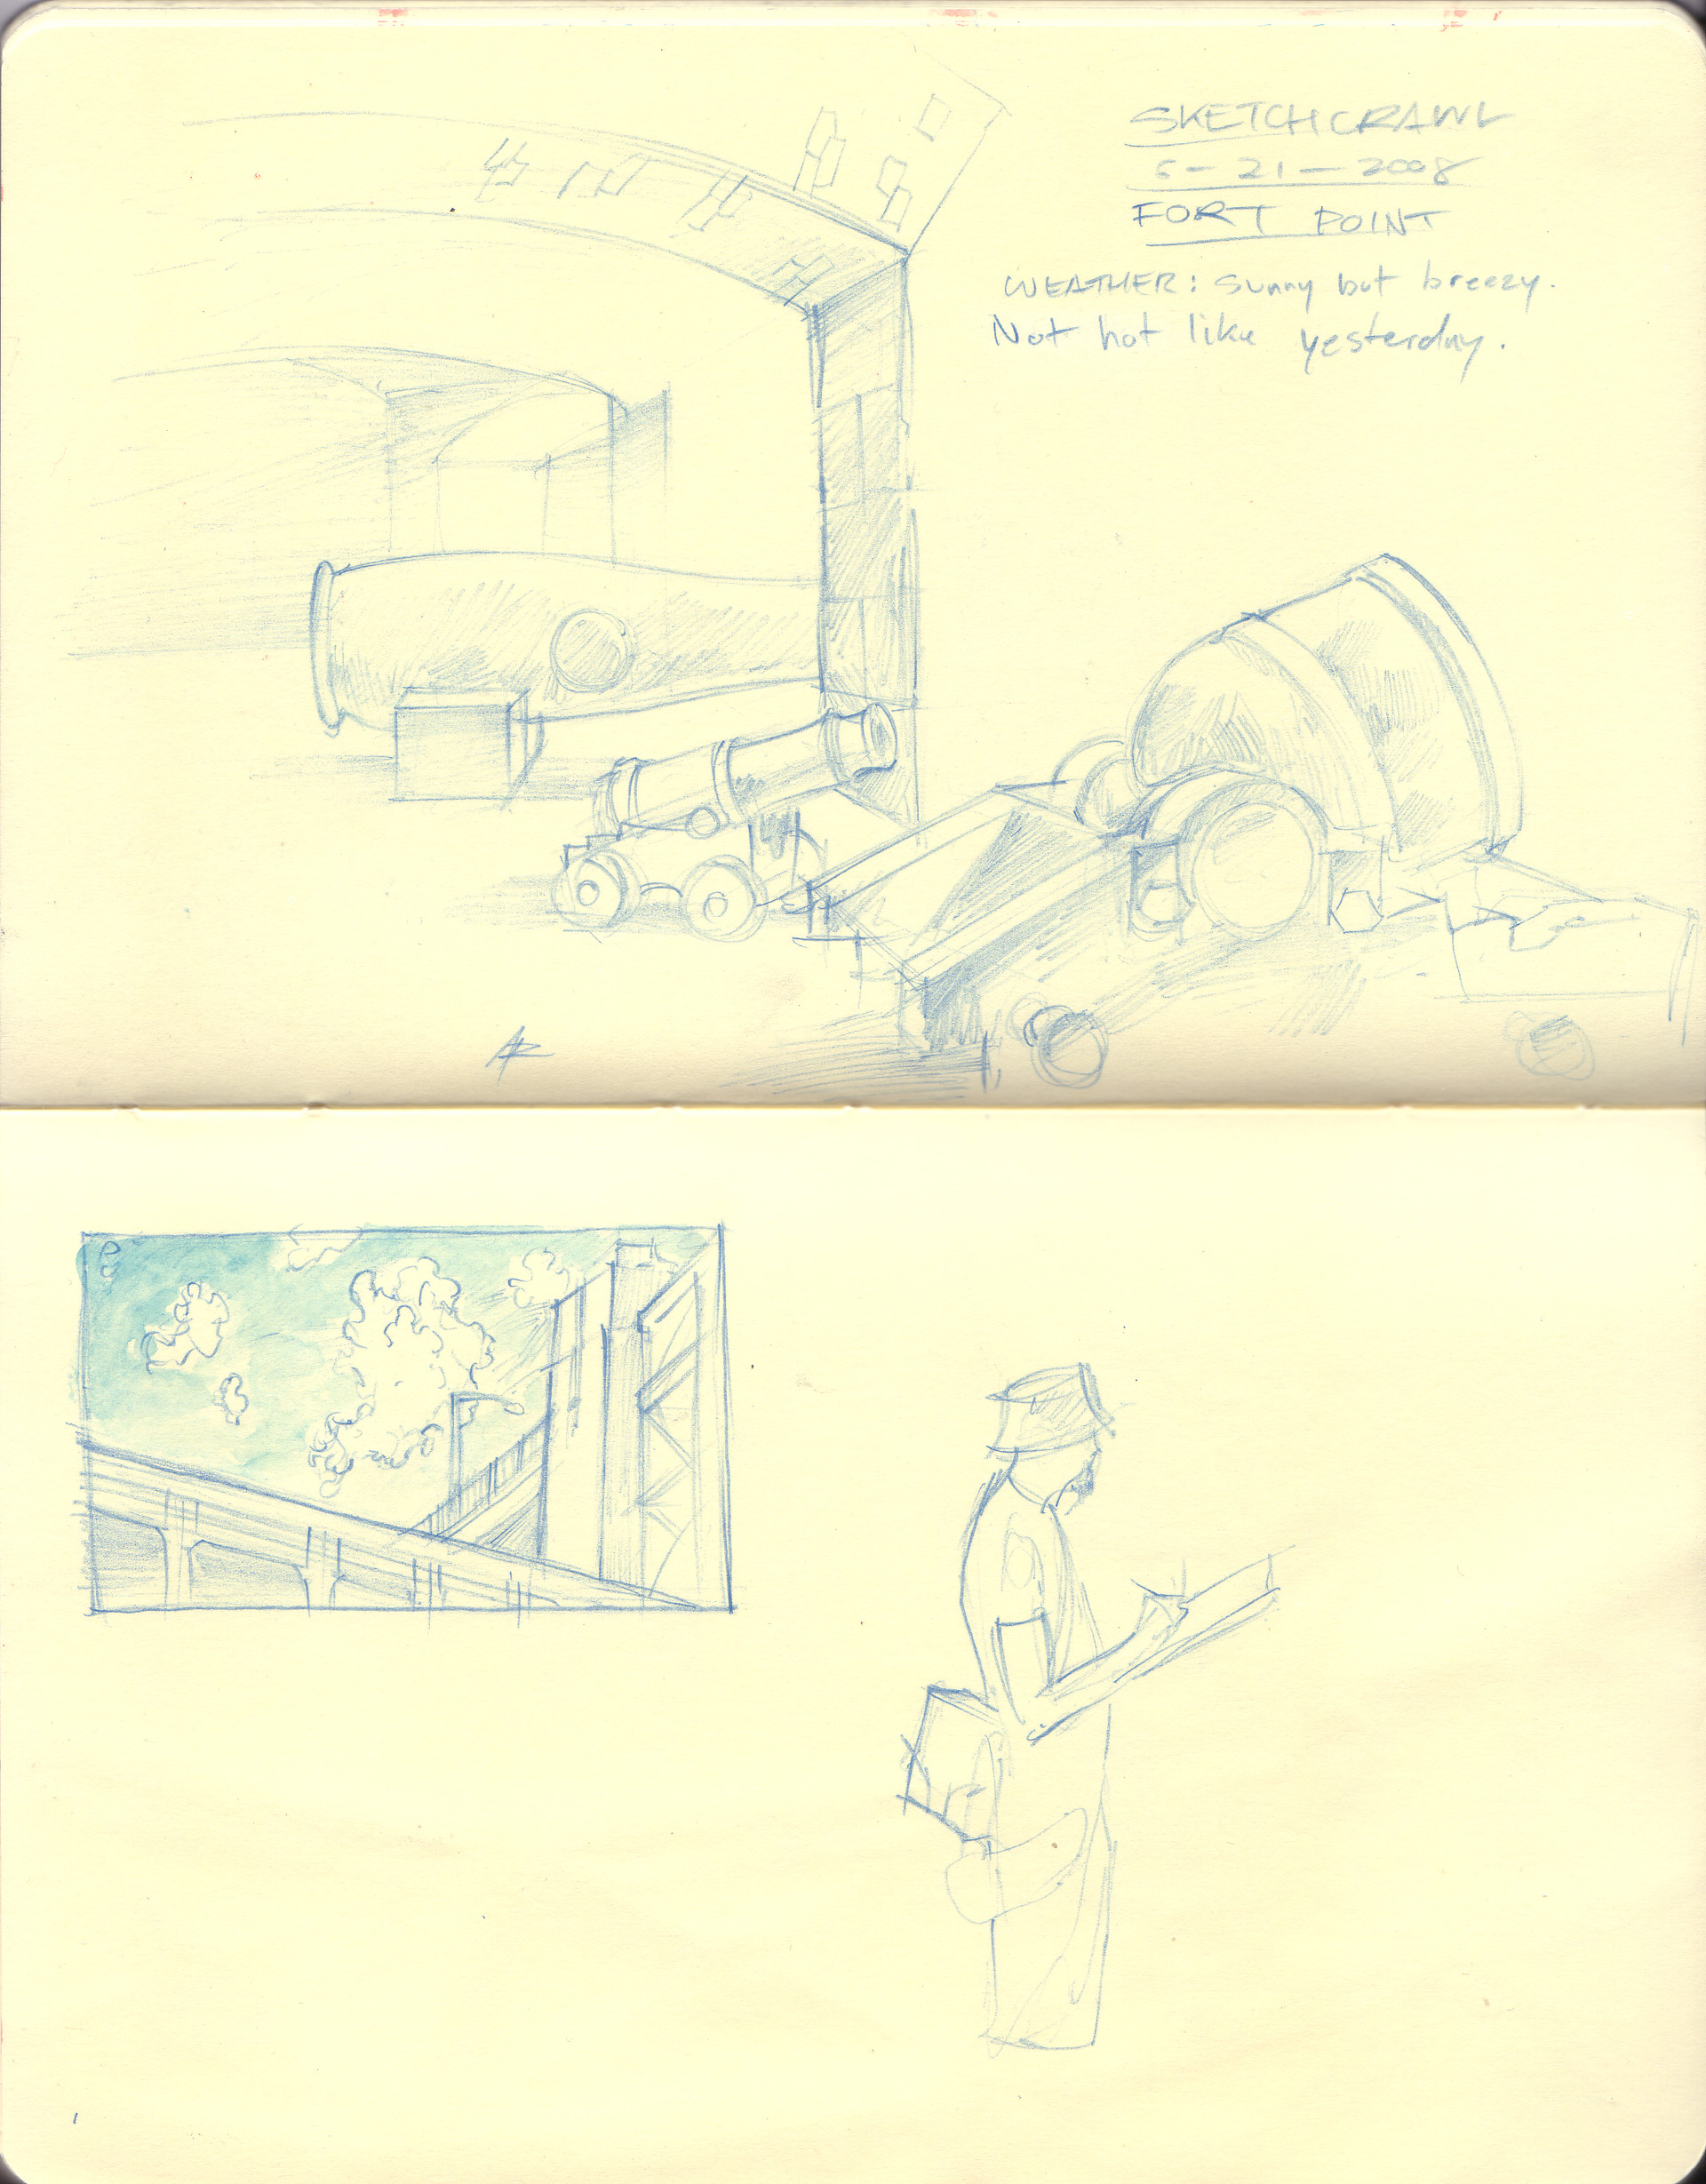 Anthony rivero sketchcrawl